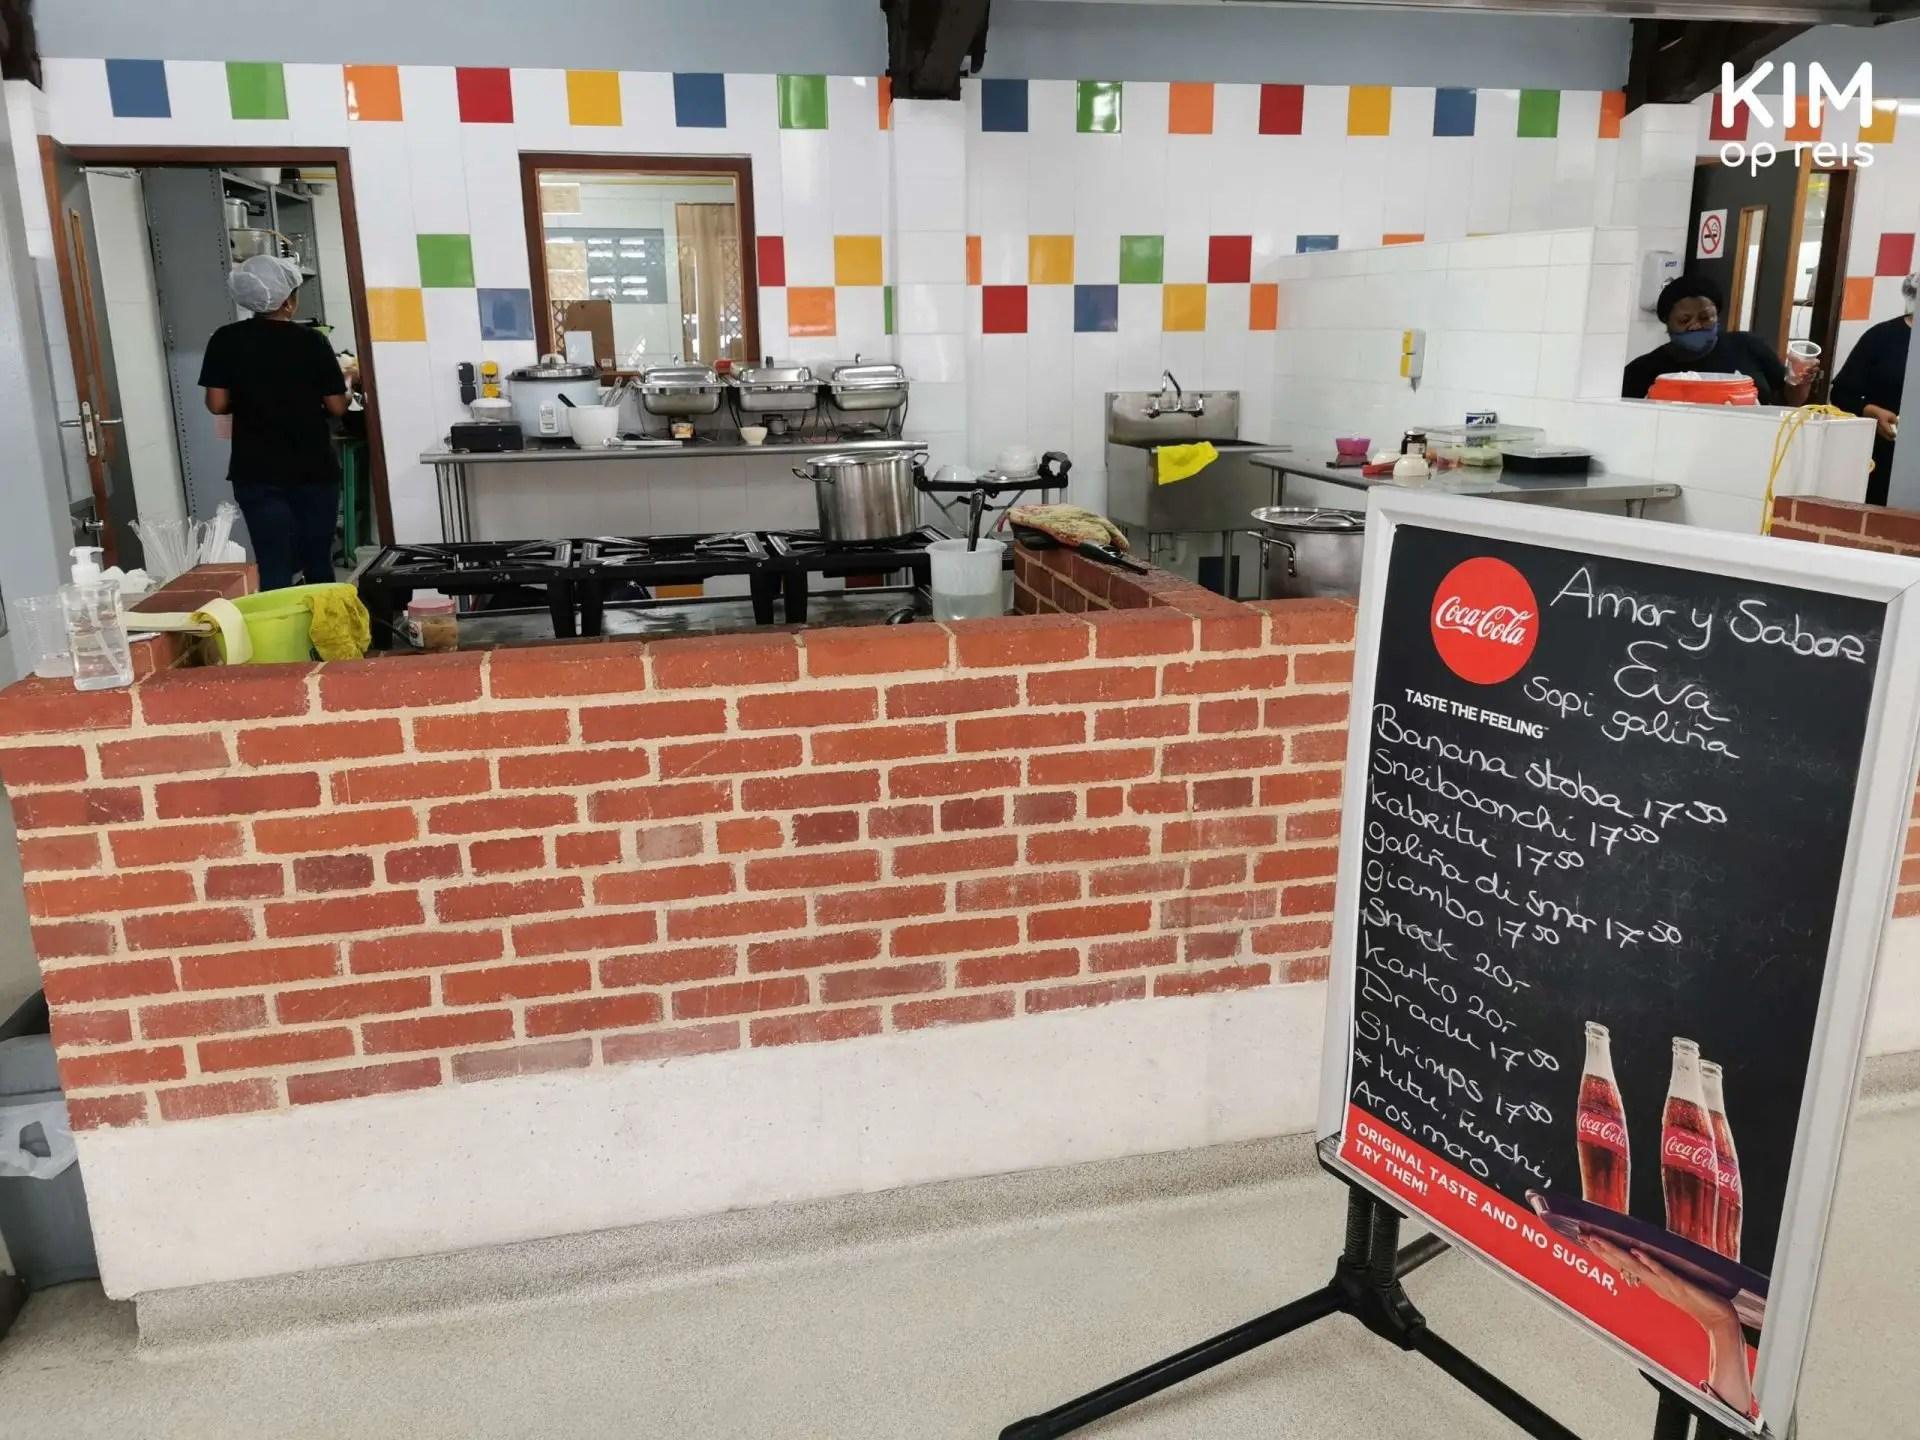 Plasa Bieu Amor y Sabor Eva Curaçao: krijtbord met de gerechten